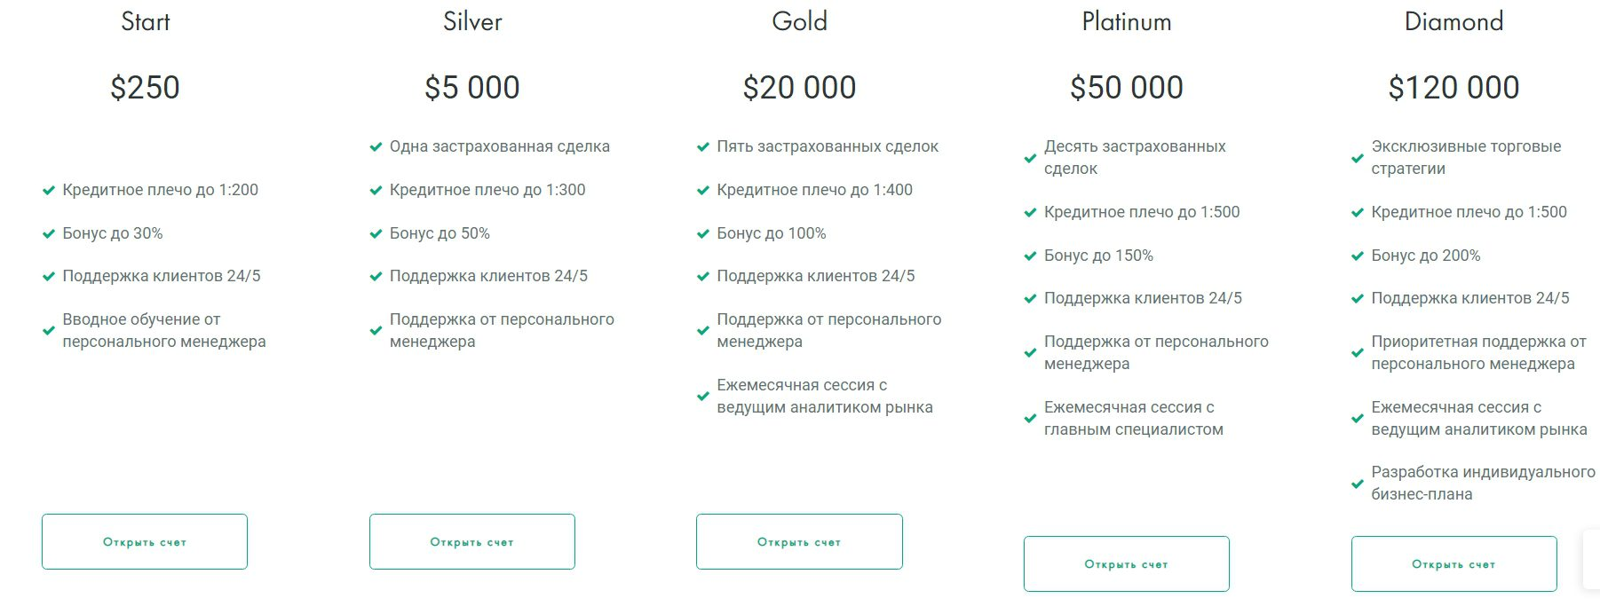 Стоимость аккаунтов в Just Trading Company